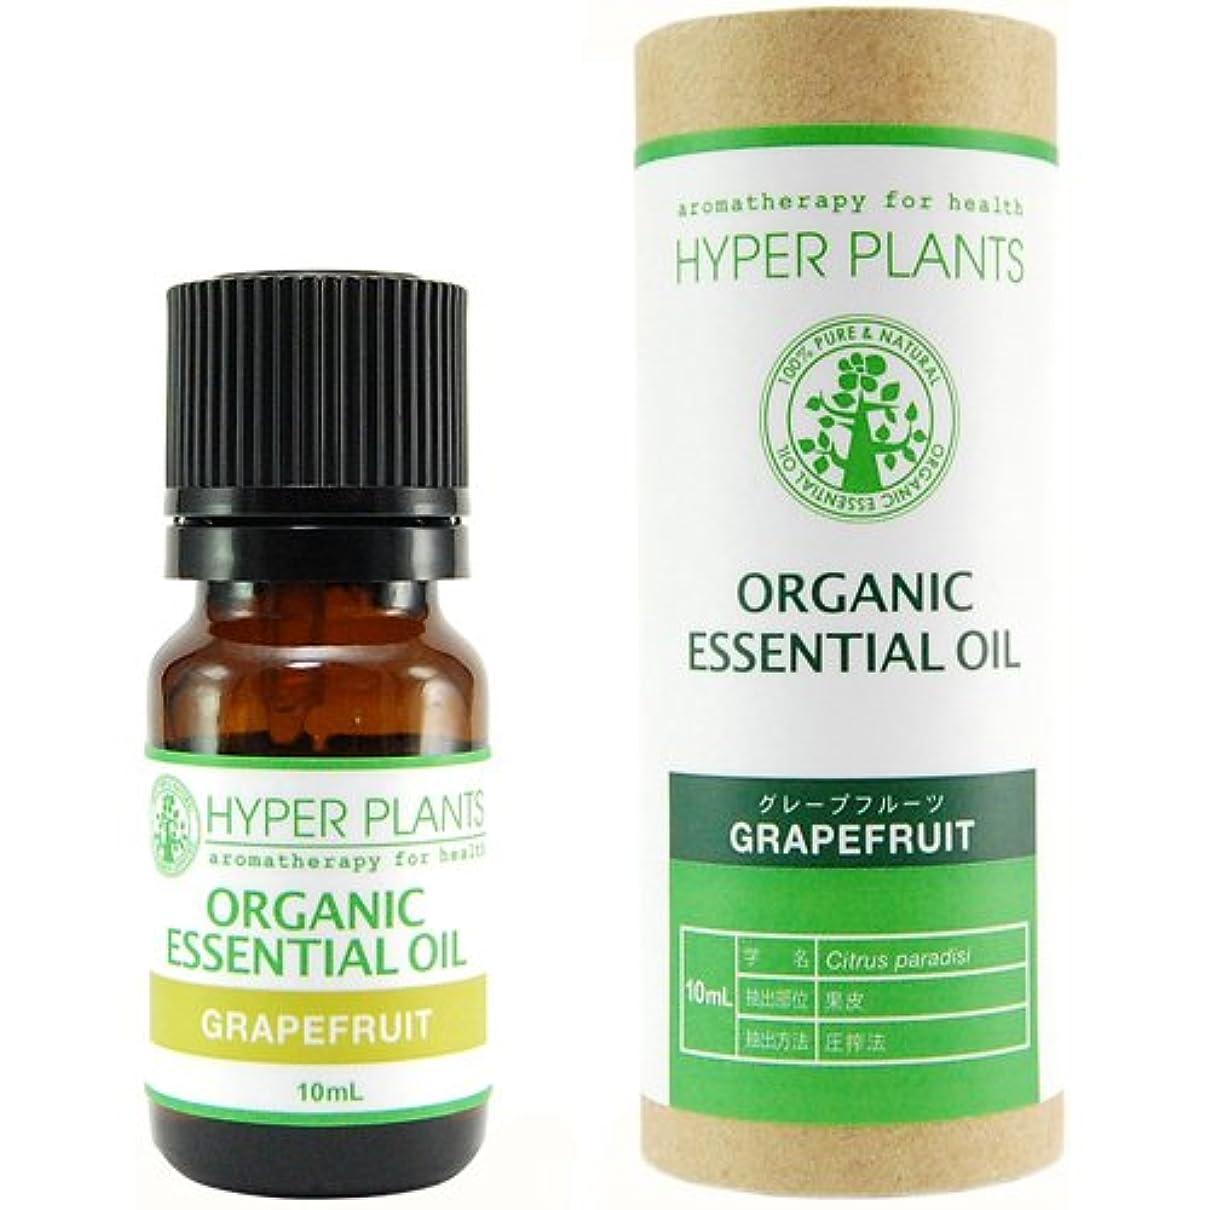 倍増拍手受け入れたHYPER PLANTS ハイパープランツ オーガニックエッセンシャルオイル グレープフルーツ 10ml HE0210